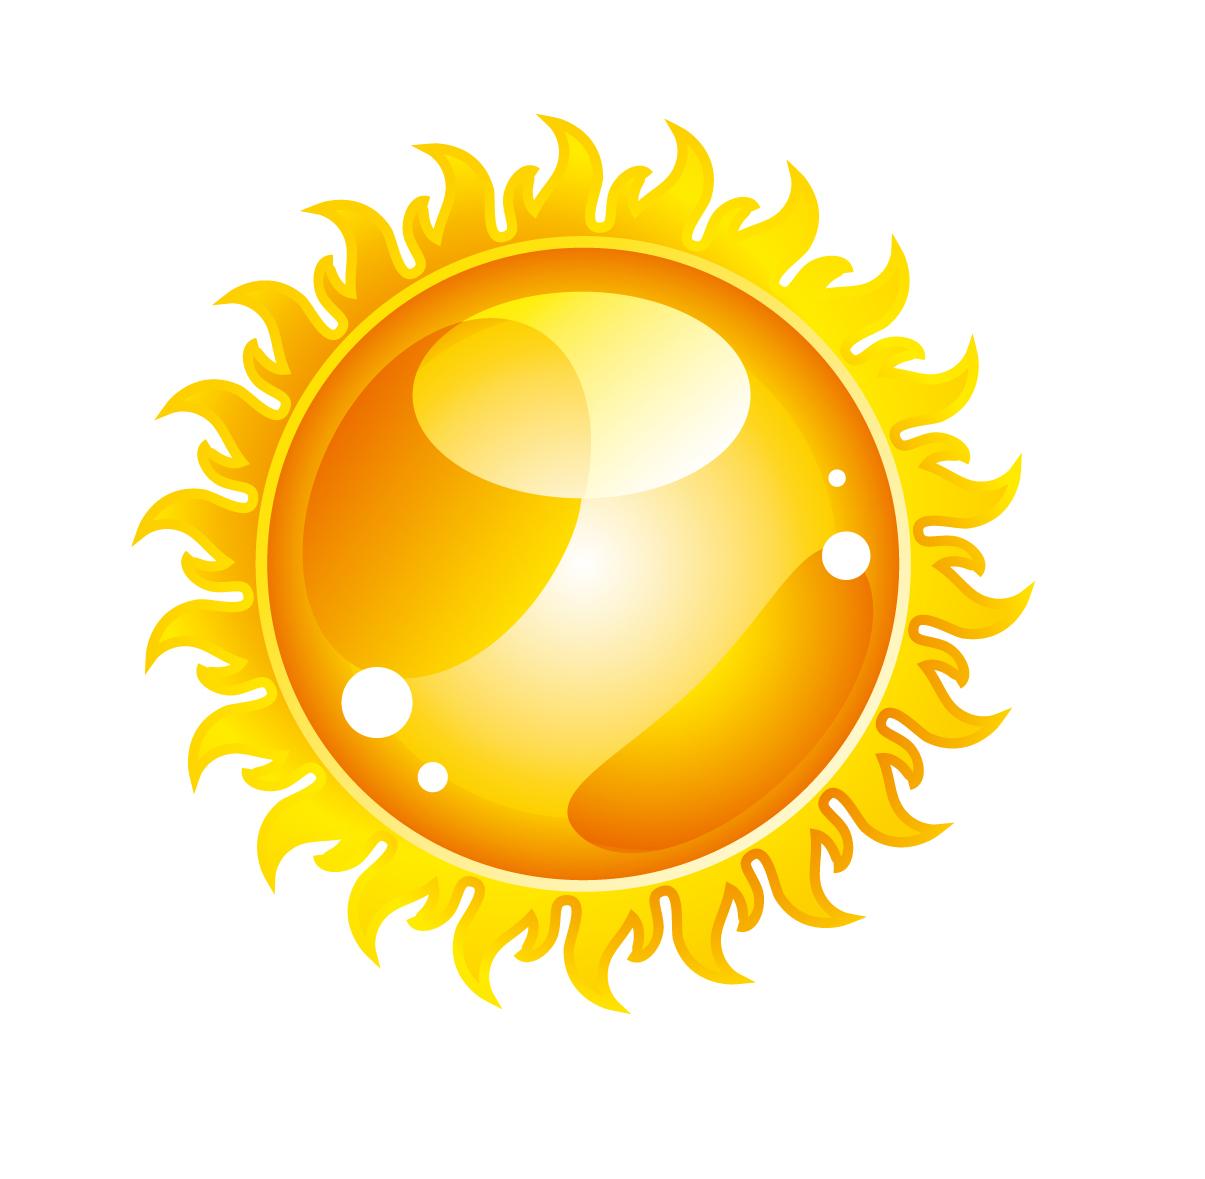 輝く太陽のクリップアート light flame sun icons イラスト素材2